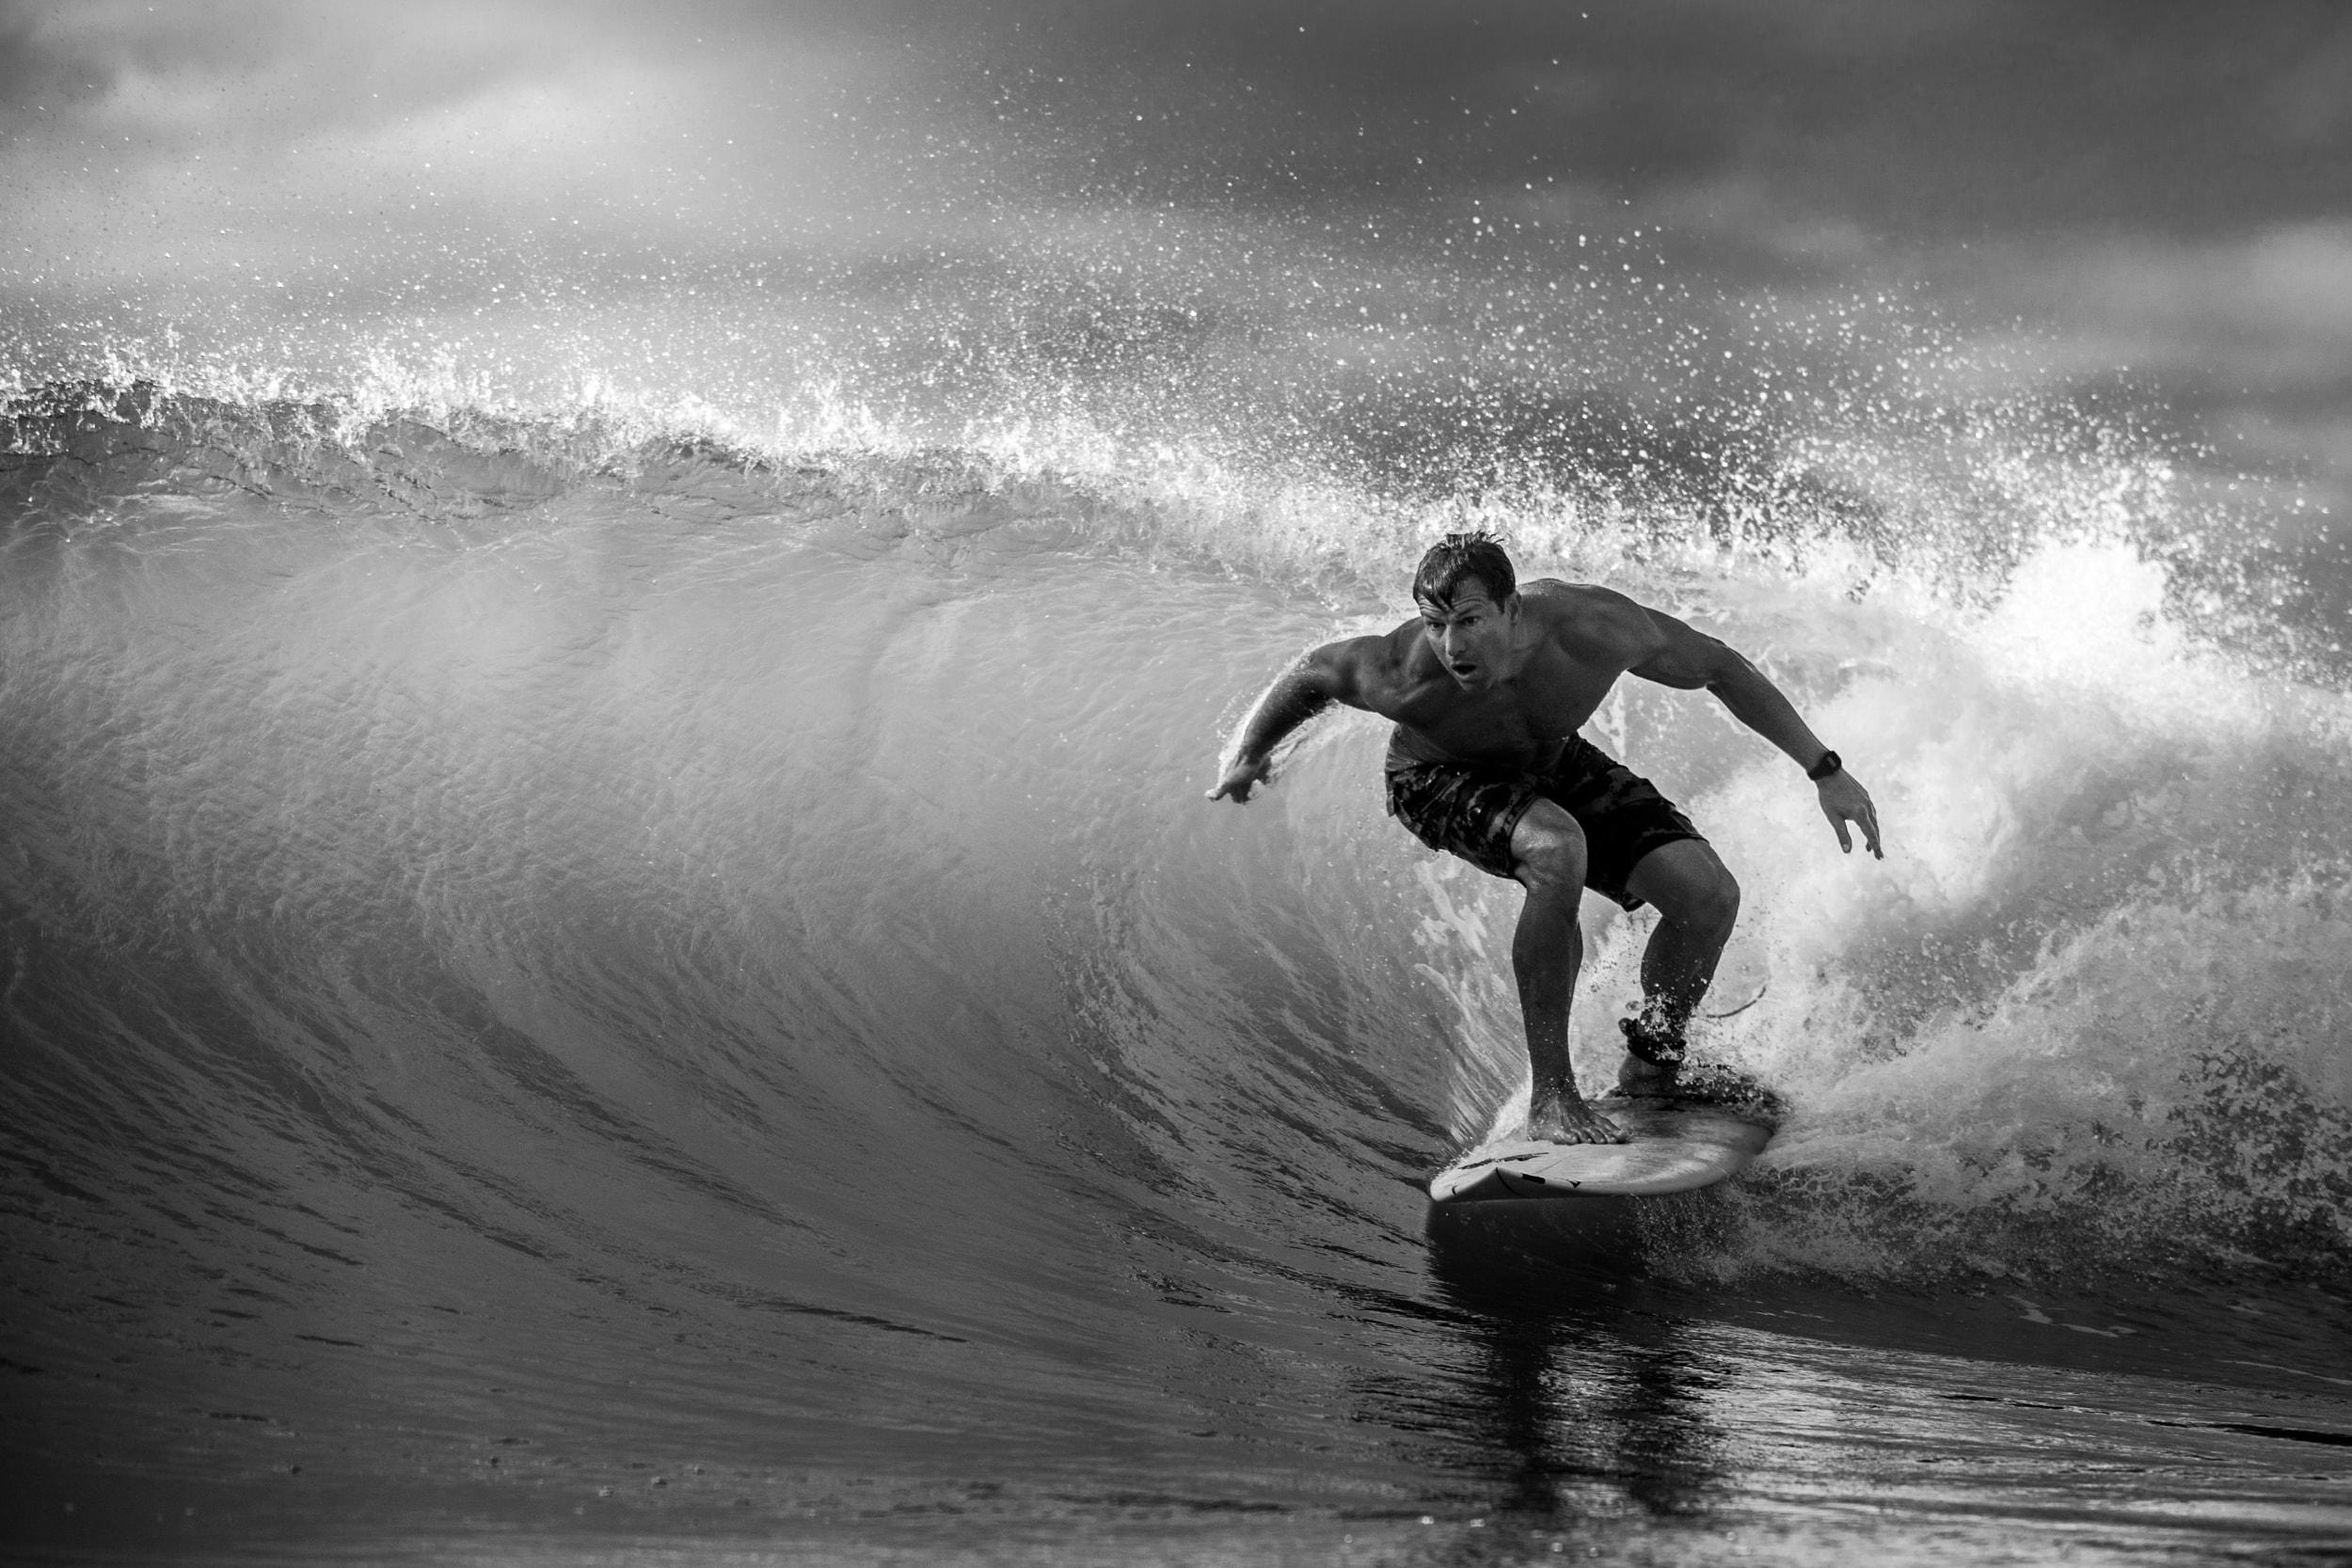 Surfer: Josh Neubauer